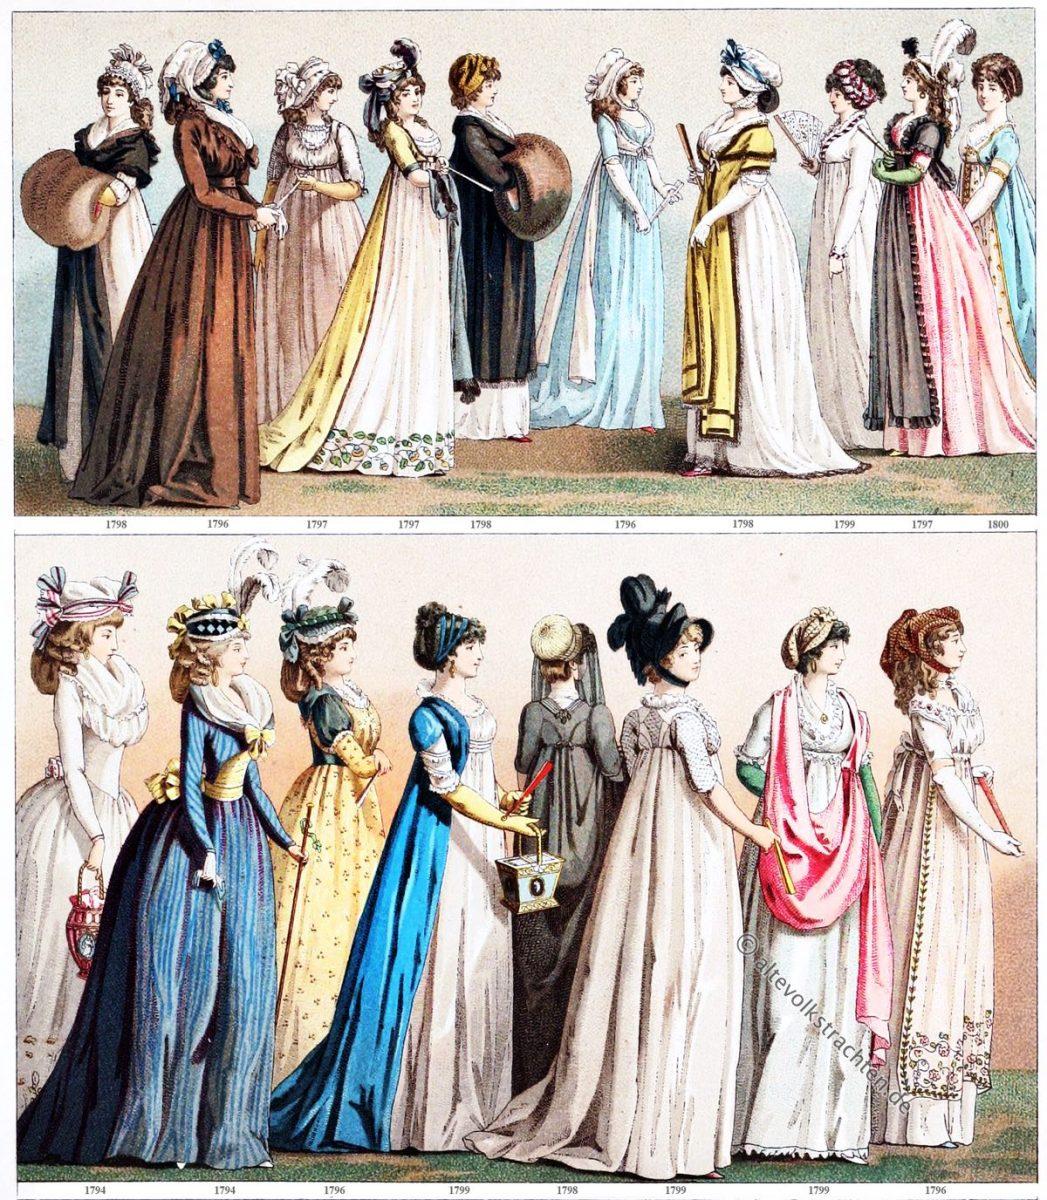 Mode, Kostüme, Frankreich, Direktorium, Empire, Modegeschichte, Auguste Racinet, 18 Jahrhundert, Klassizismus